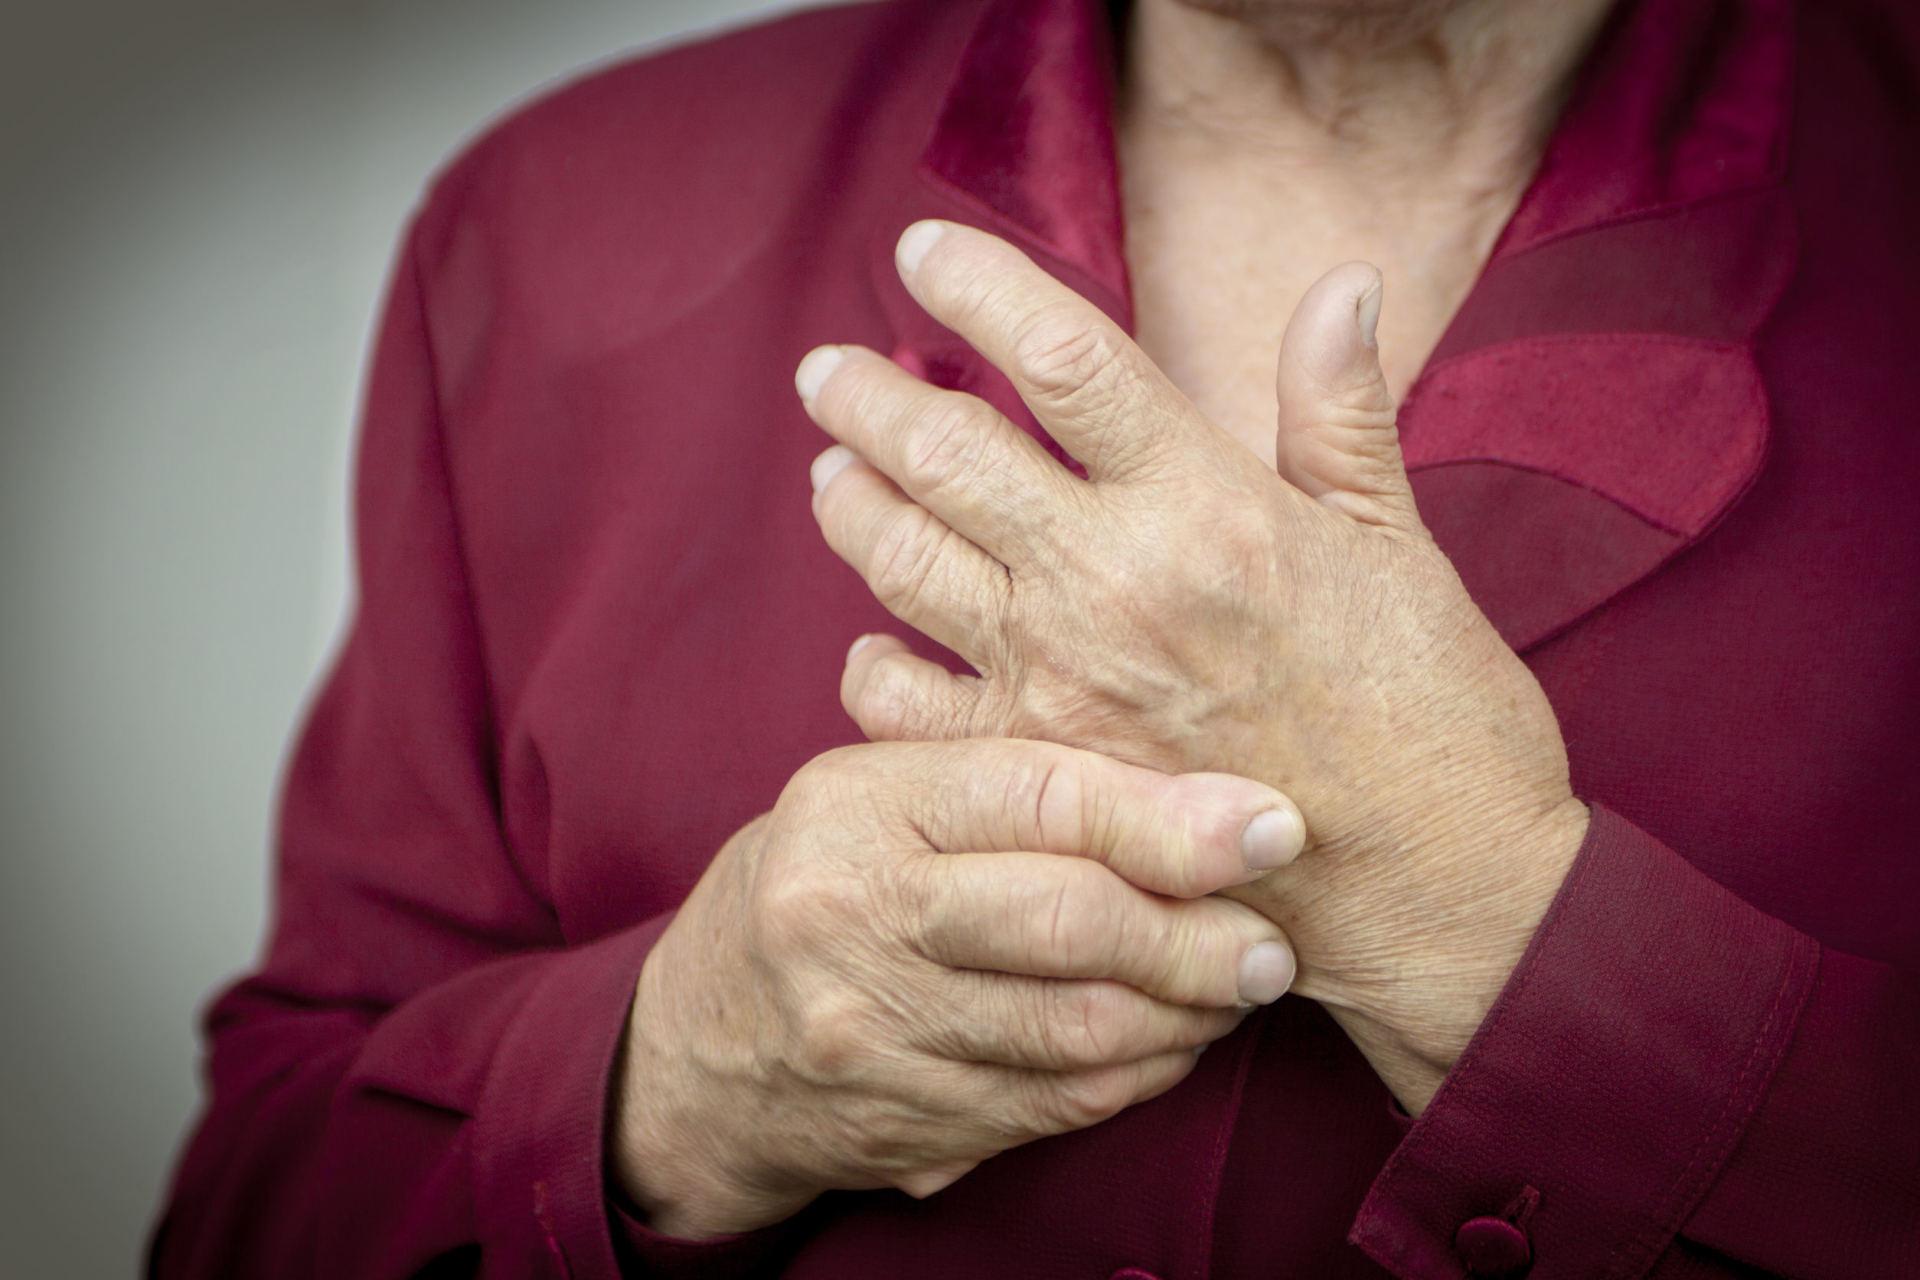 gali oras bus pasėjo nuo oro vaistai nuo sanariu artrozes